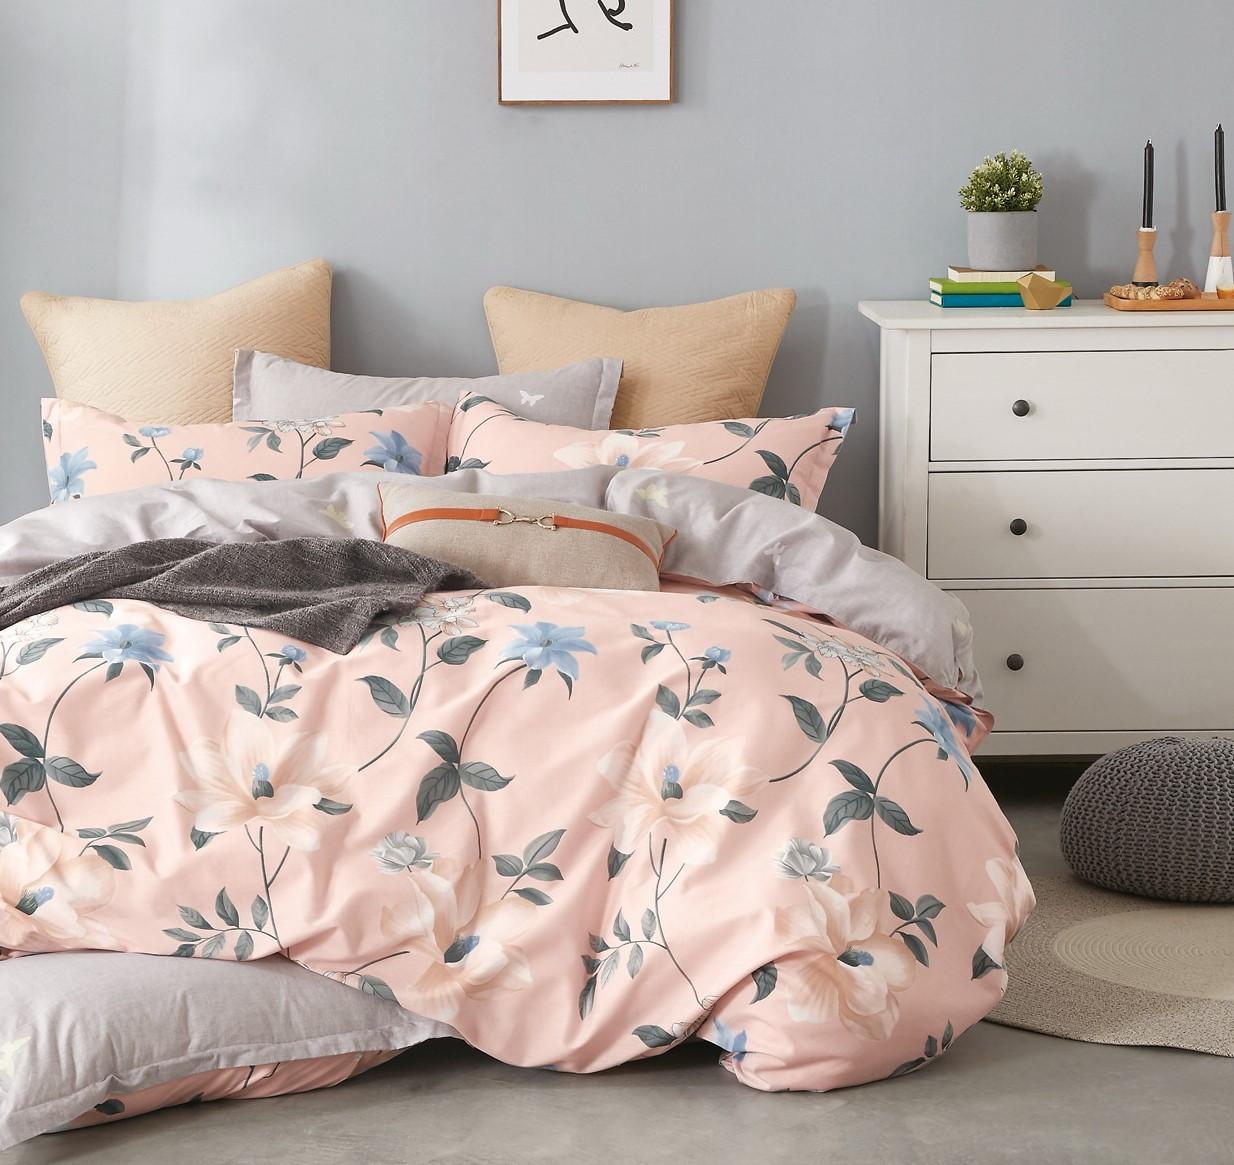 Комплект постельного белья Bella Villa Сатин Семейный 160 x 220 (2 пододеяльника) B-0231 Fm